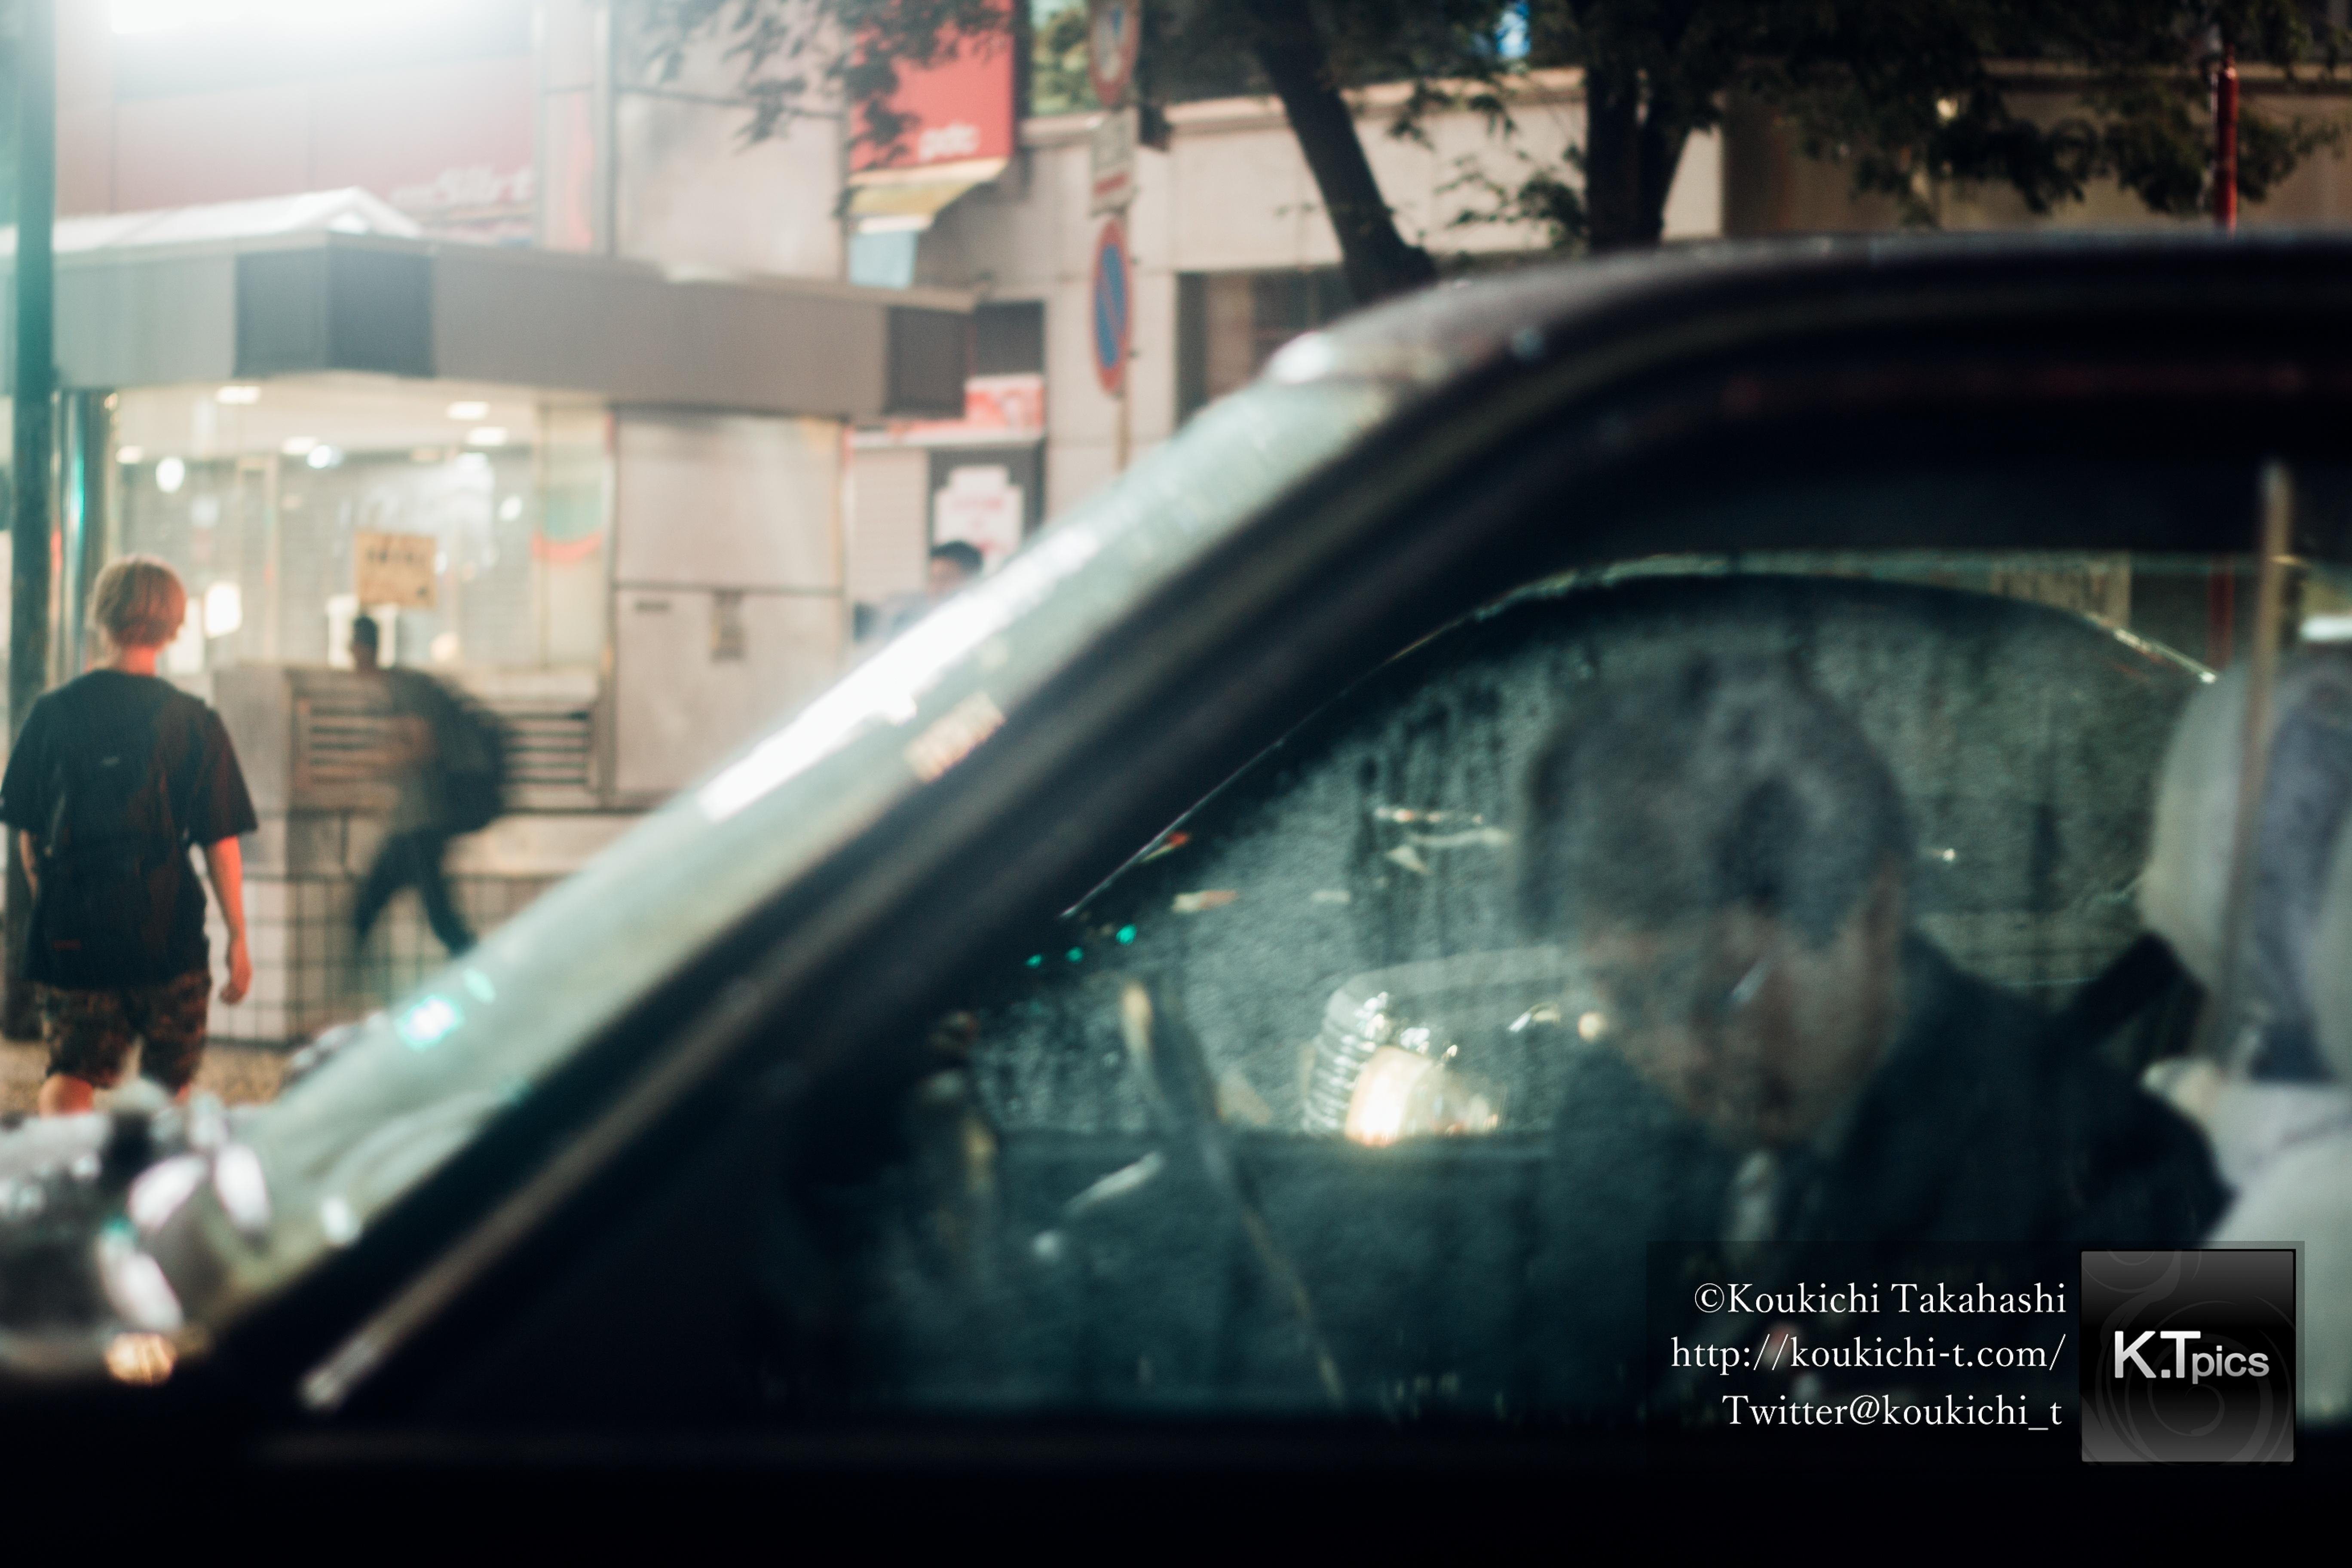 もしソール・ライターが渋谷を写真撮影したら。「ソール・ライターに魅せられて。」Inspired by Saul Leiter - Shooted by Koukichi Takahashi at Shibuya_MG_0831